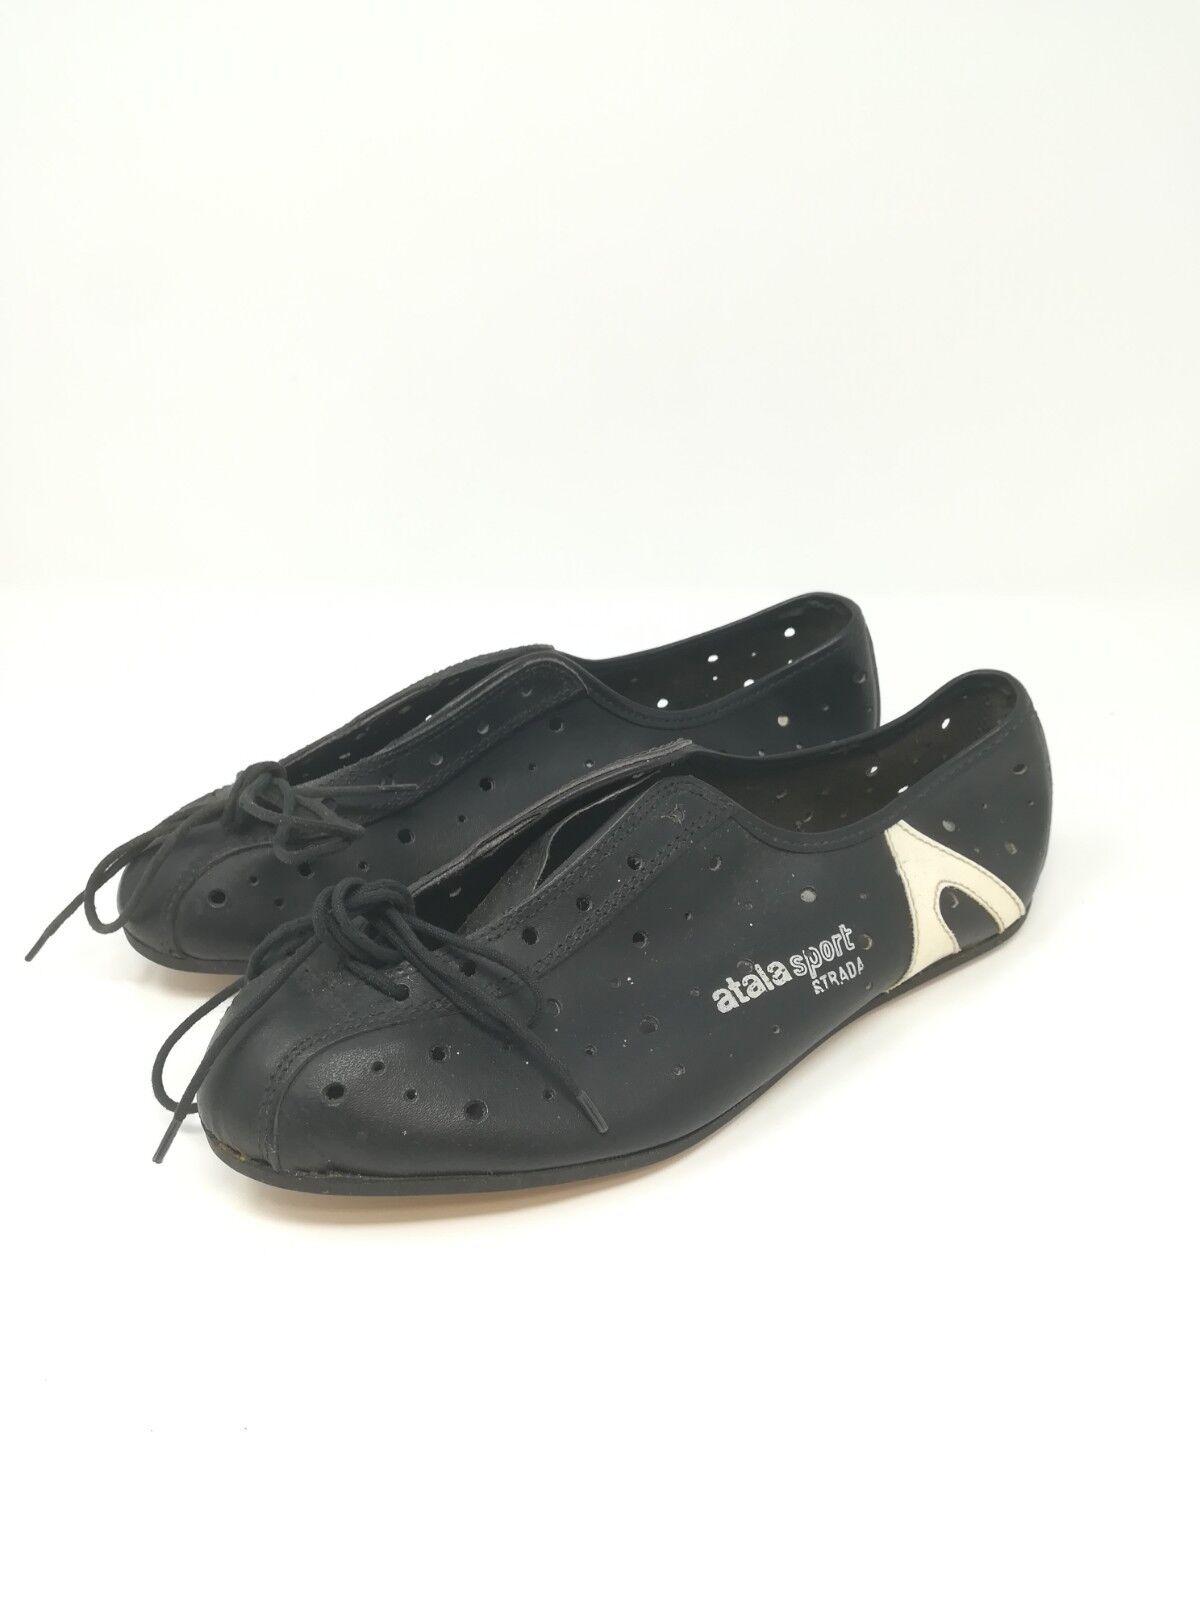 Vintage scarpe ciclismo cycling schuhe  sport Atala sport  Strada 35 NOS 5e166c